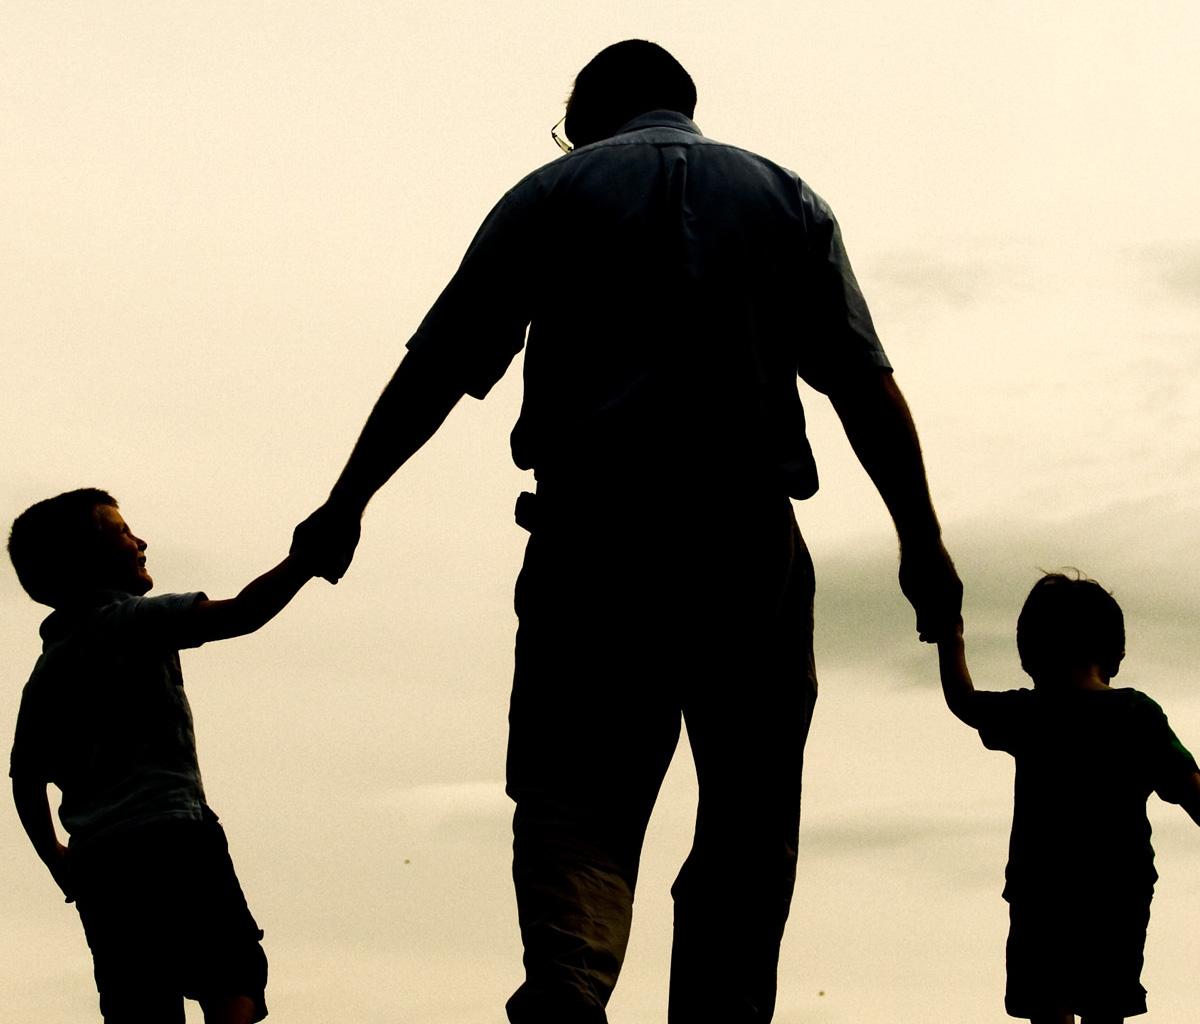 صور تفسير رؤية الاب الميت في المنام , الاب فى الحياة الامان و لكن بعد الموت ؟